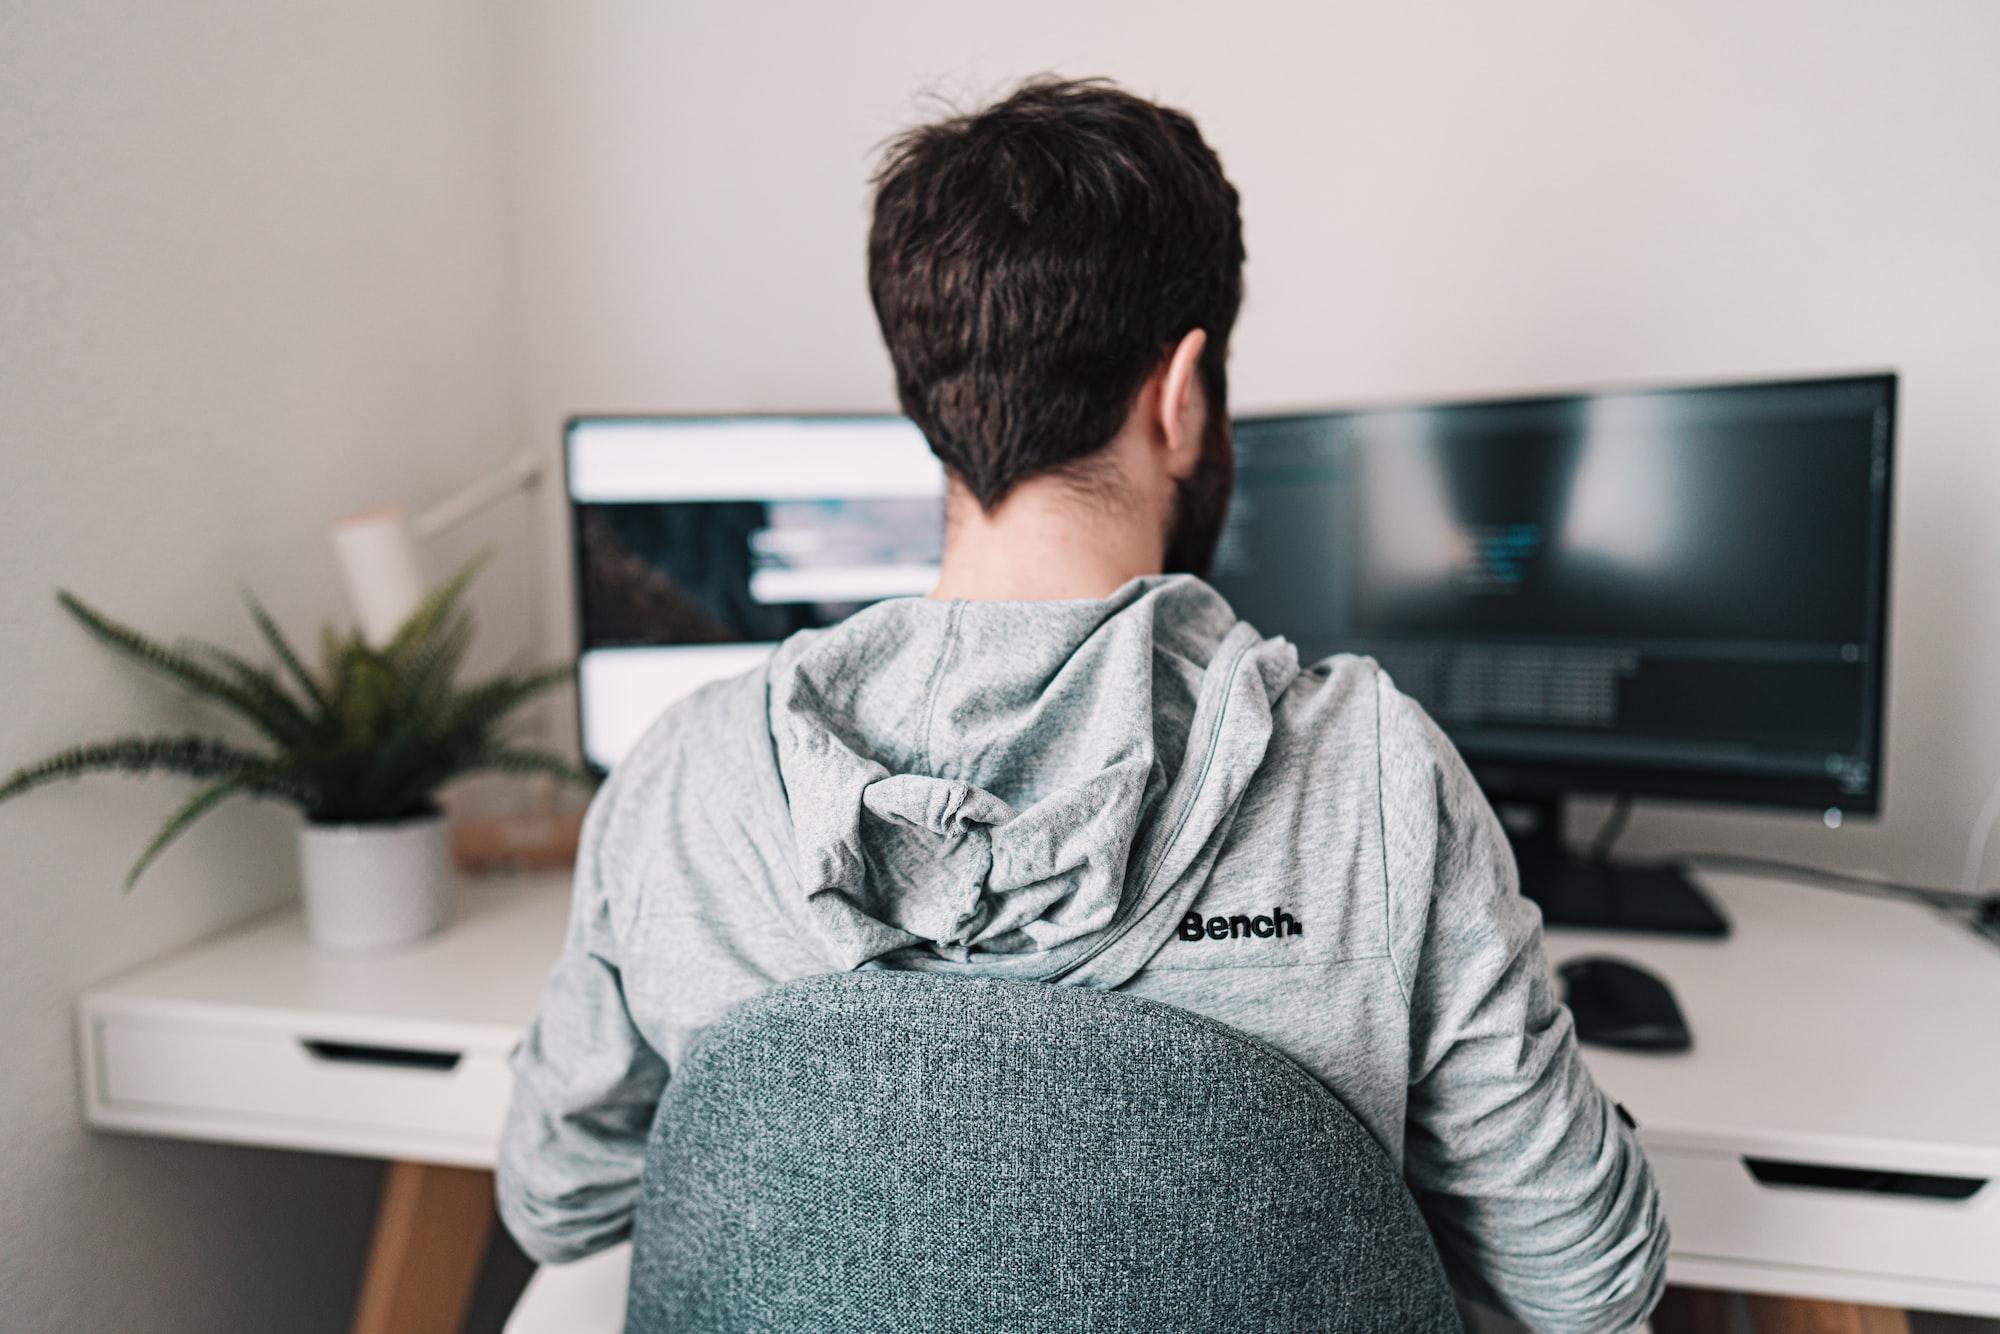 O teu home office pode ser muito mais produtivo com estas dicas